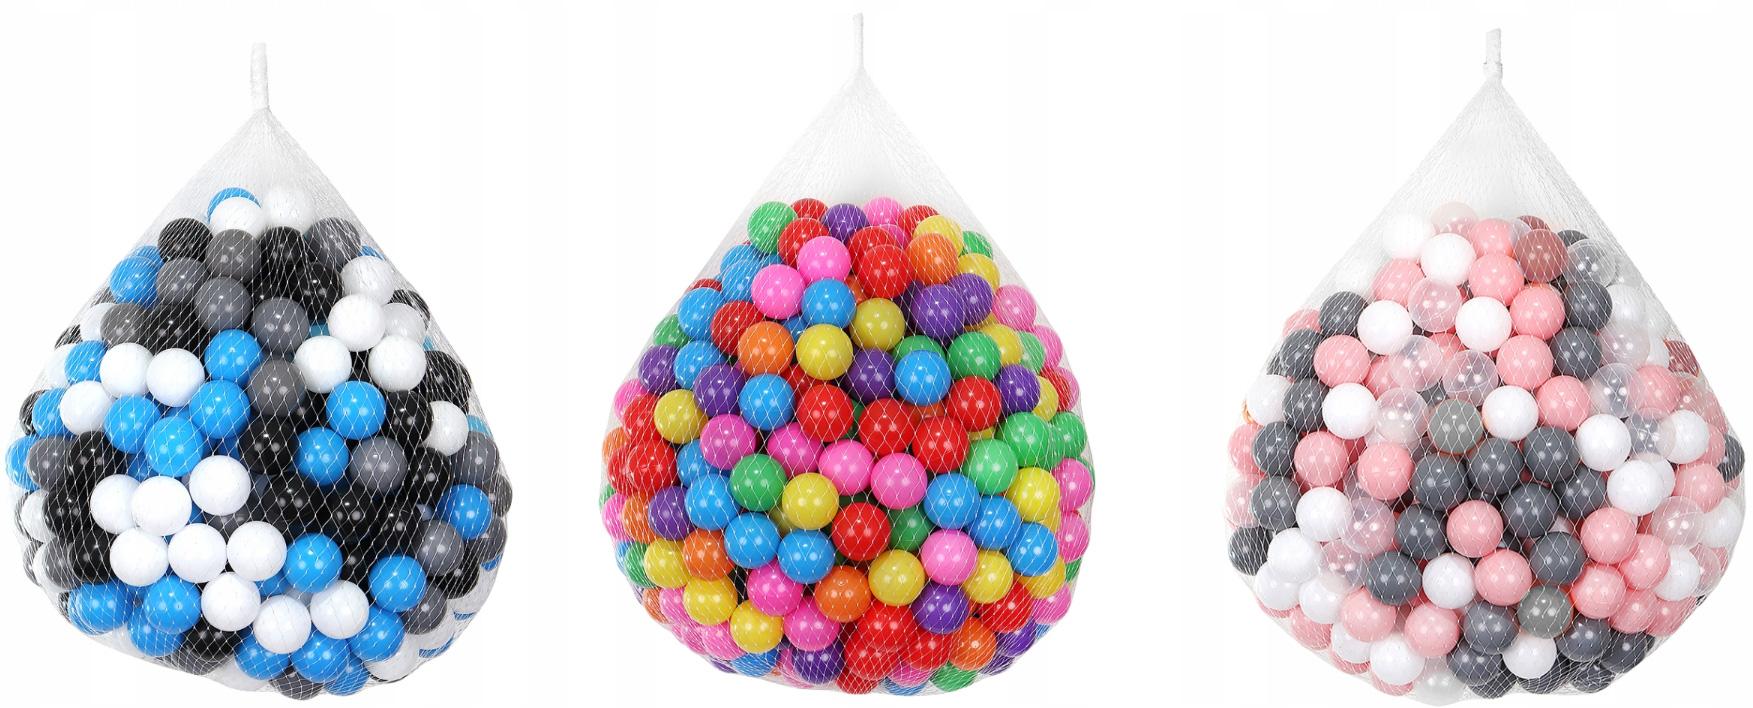 Piłeczki piłki 500 sztuk do placu zabaw brodzika namiotu suchego basenu